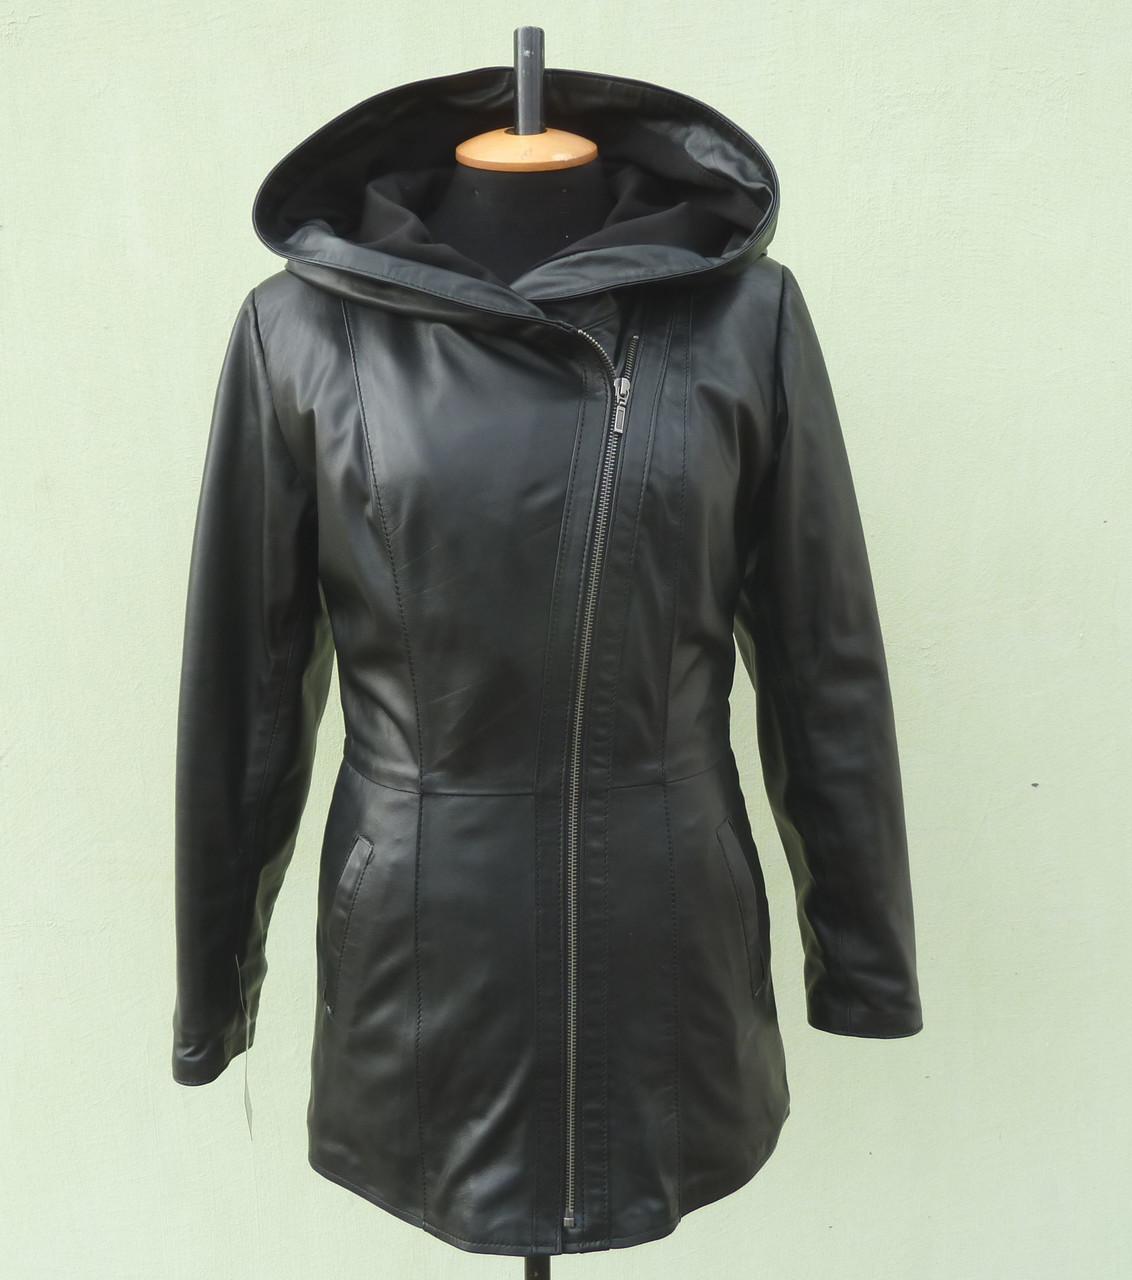 Куртка кожаная женская SEVER с капюшоном, размер M